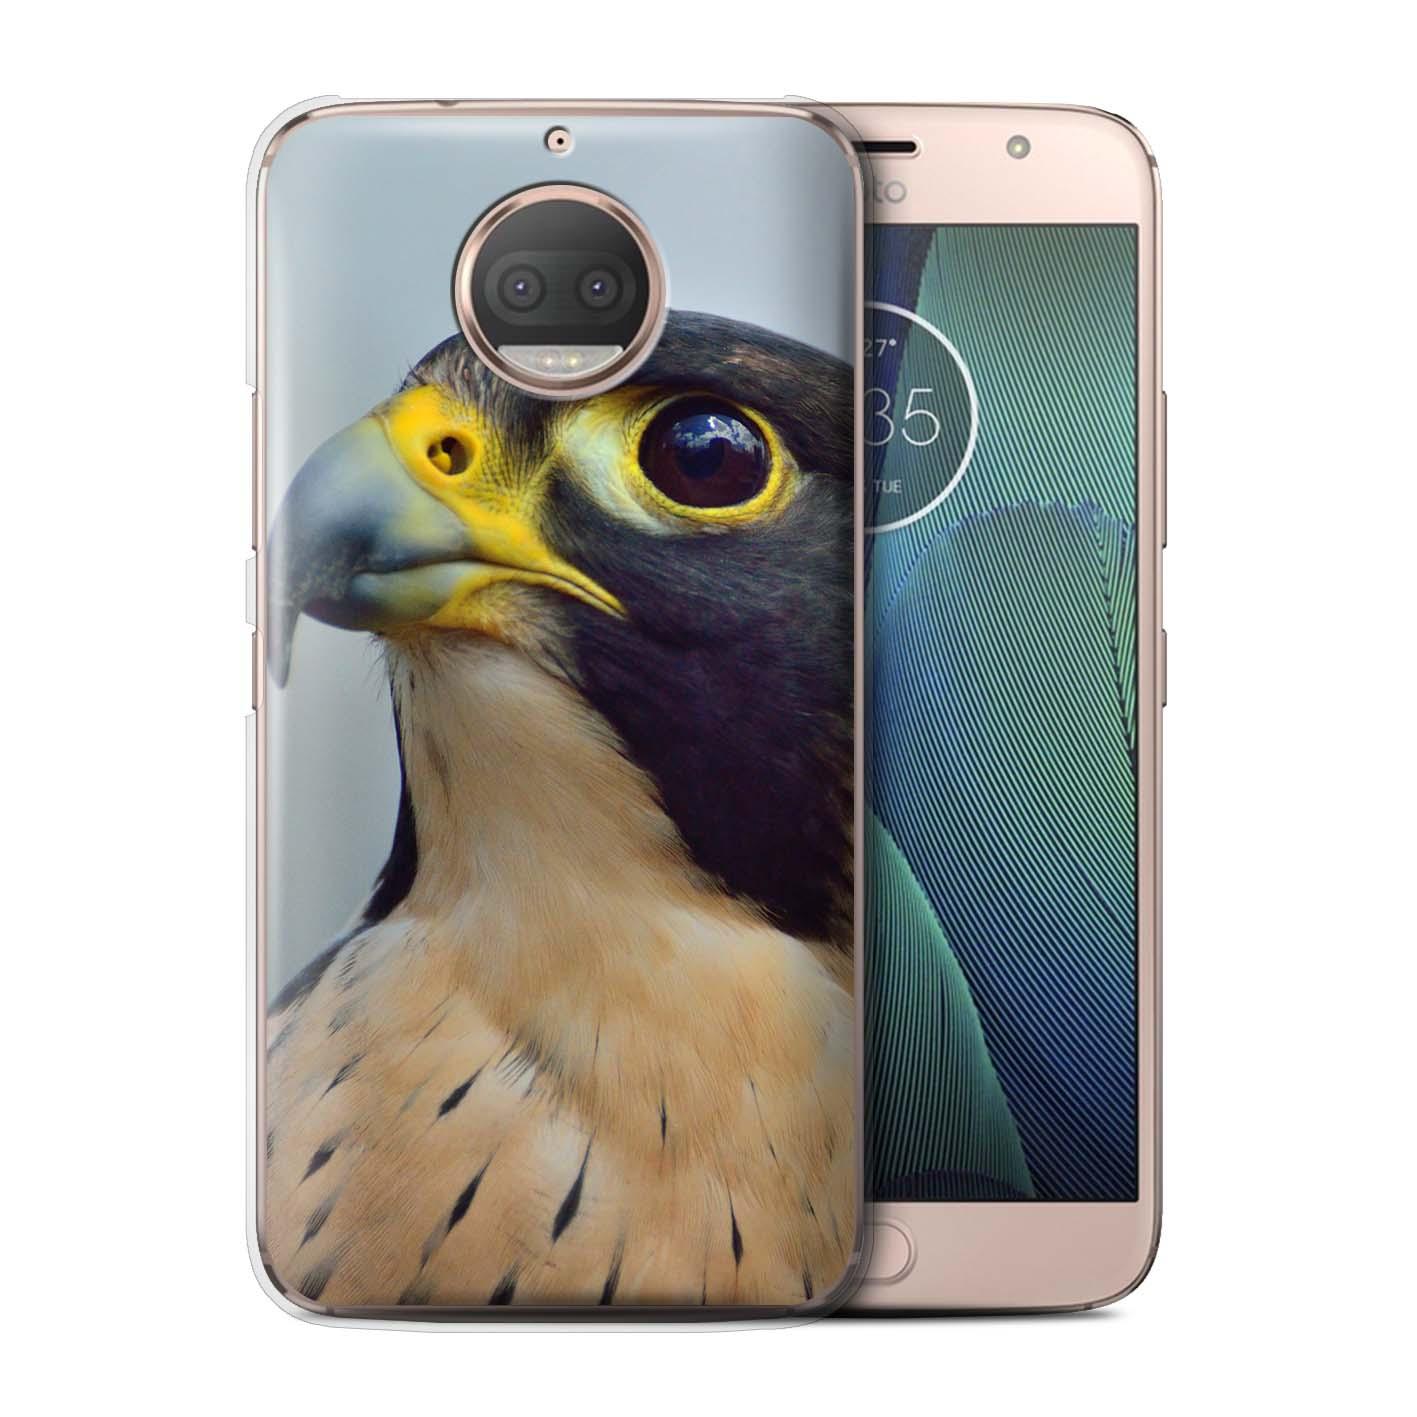 STUFF4-Back-Case-Cover-Skin-for-Motorola-Moto-G5S-Plus-Birds-of-Prey